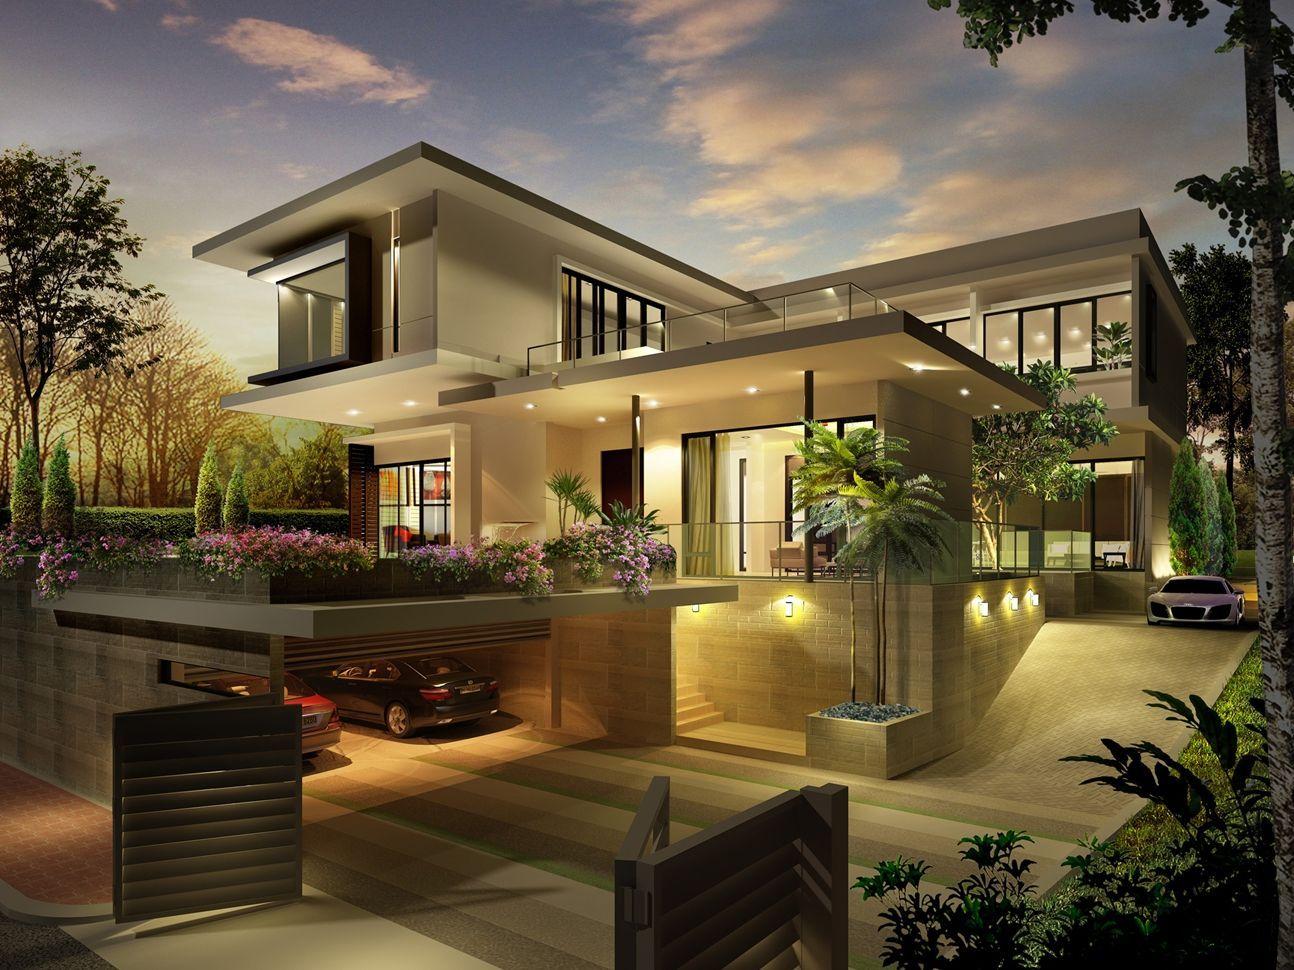 Pavilion Villa With Basement Car Park Modern Exterior House Designs Modern House Exterior House Architecture Design